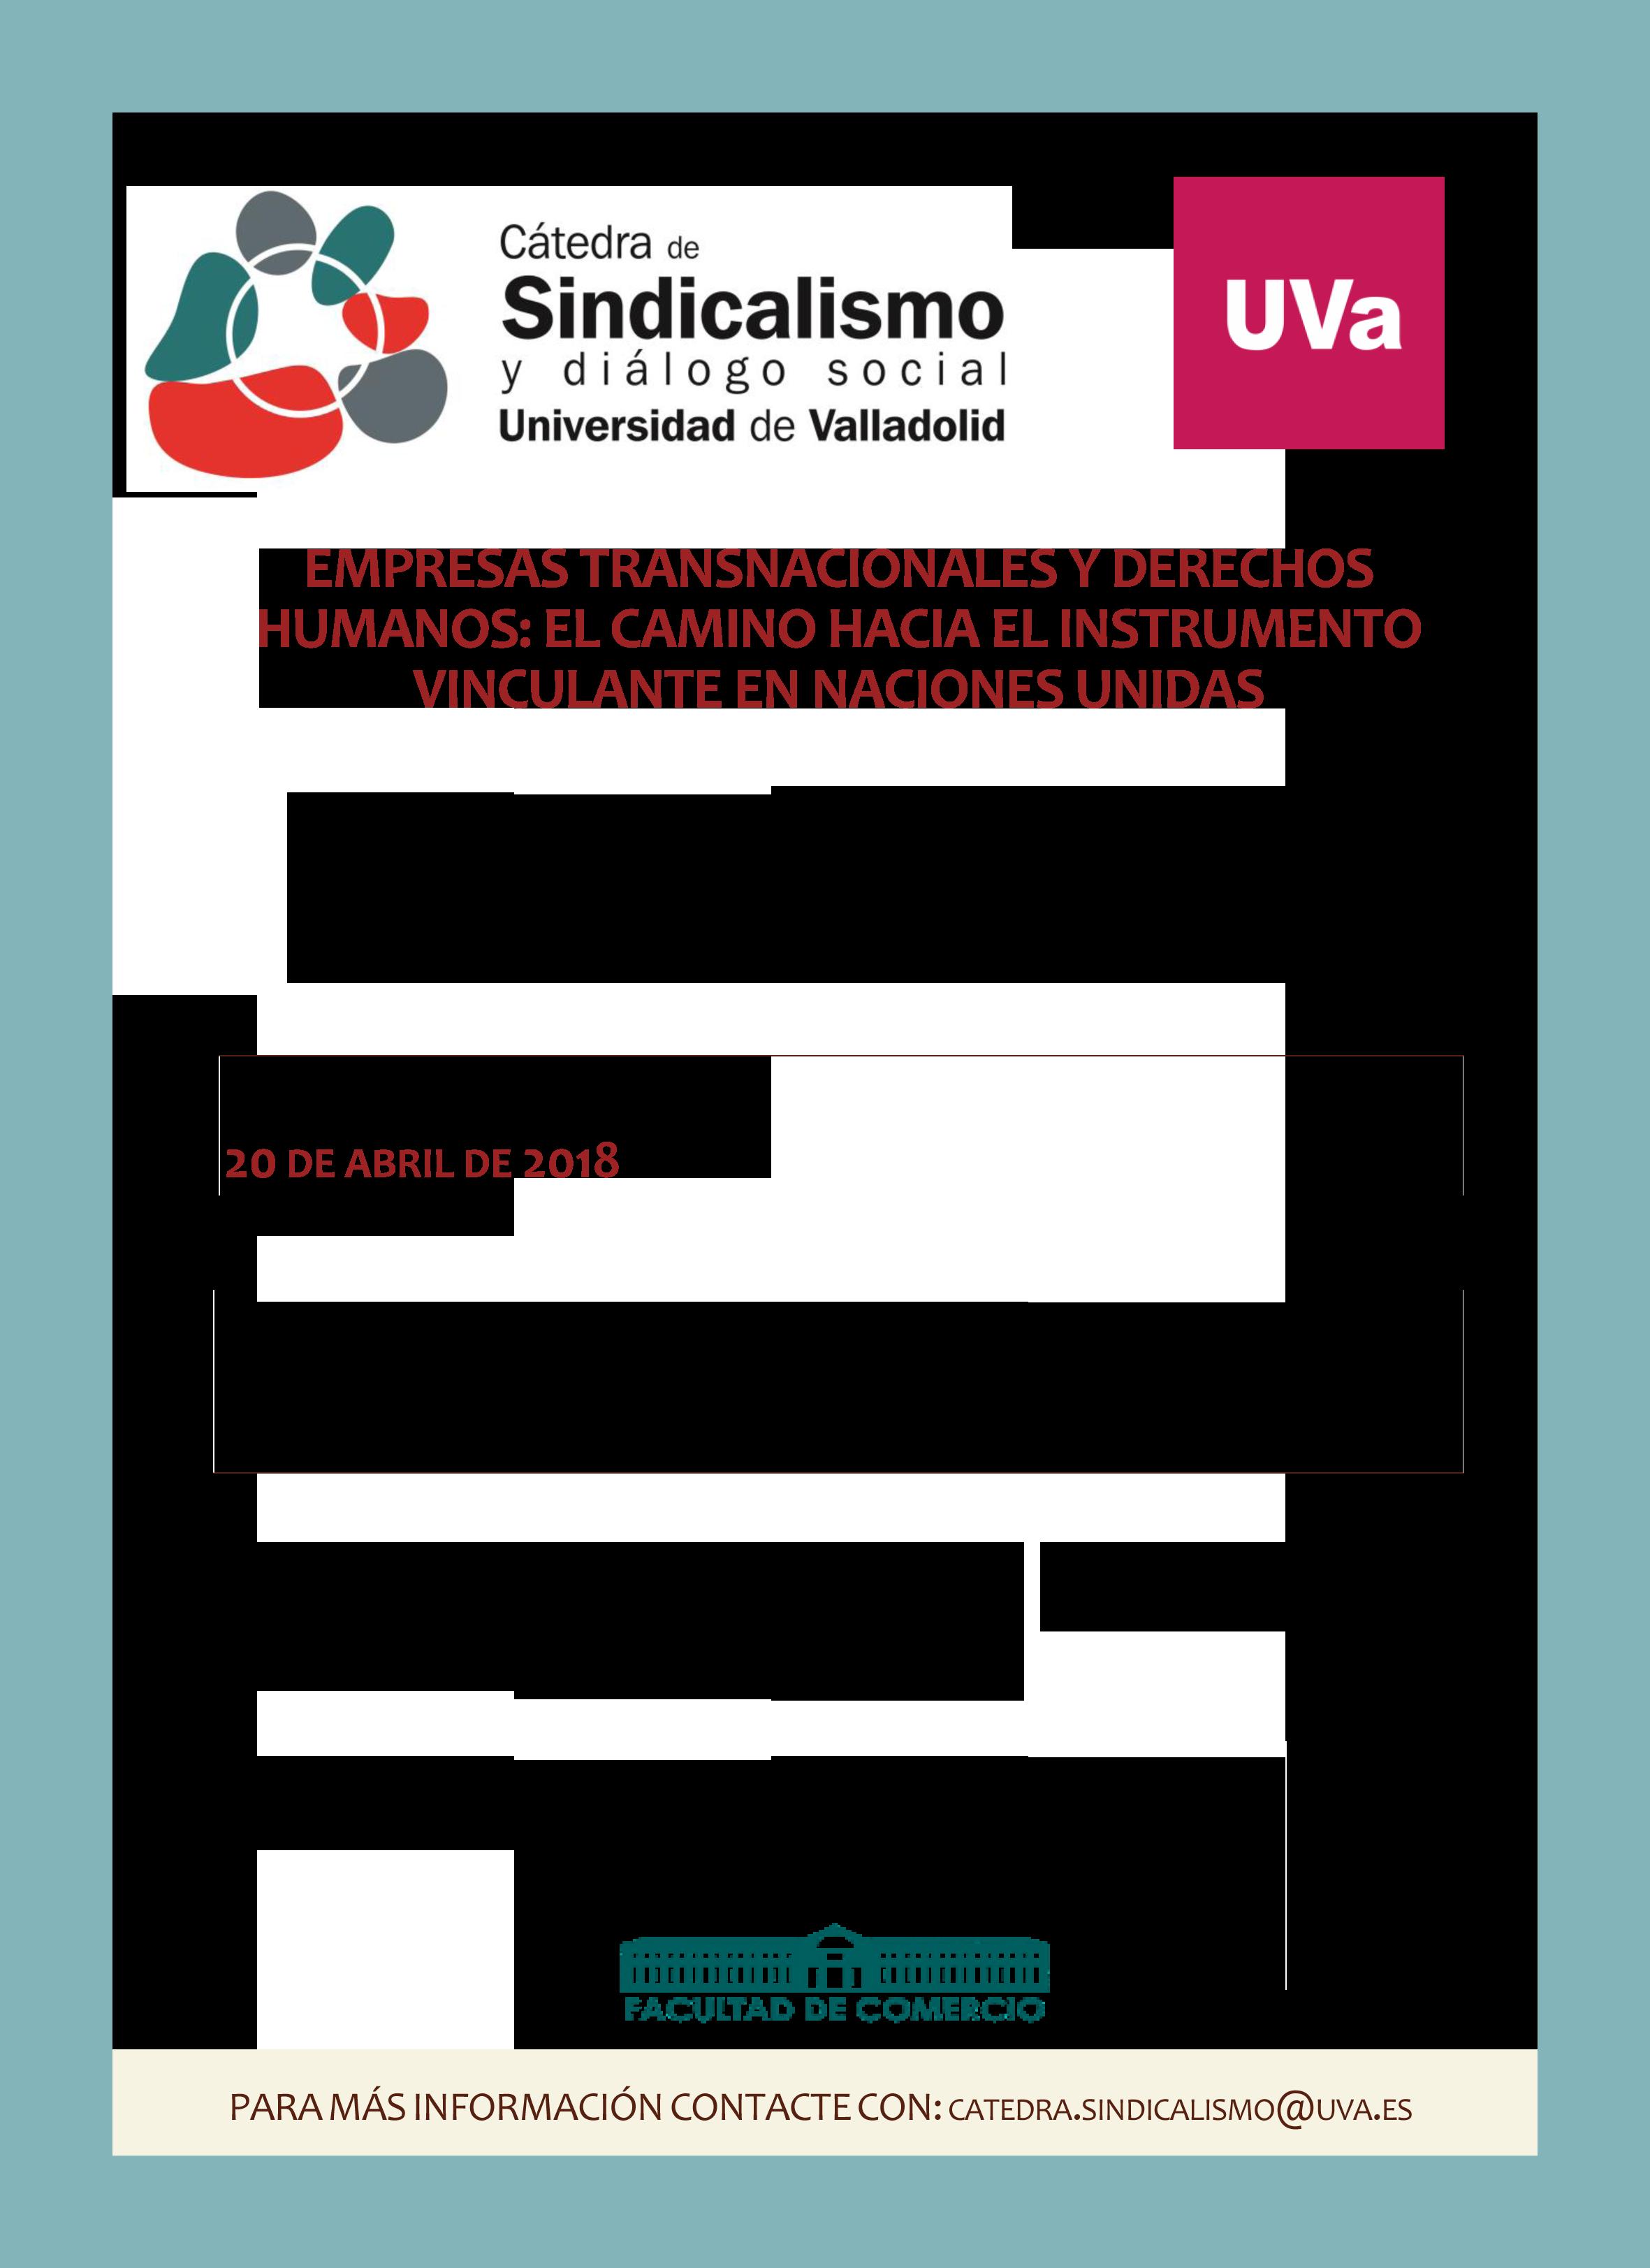 JORNADA DE LA CÁTEDRA DE SINDICALISMO. EMPRESAS TRANSNACIONALES Y DERECHOS HUMANOS: EL CAMINO HACIA EL INSTRUMENTO VINCULANTE EN NACIONES UNIDAS